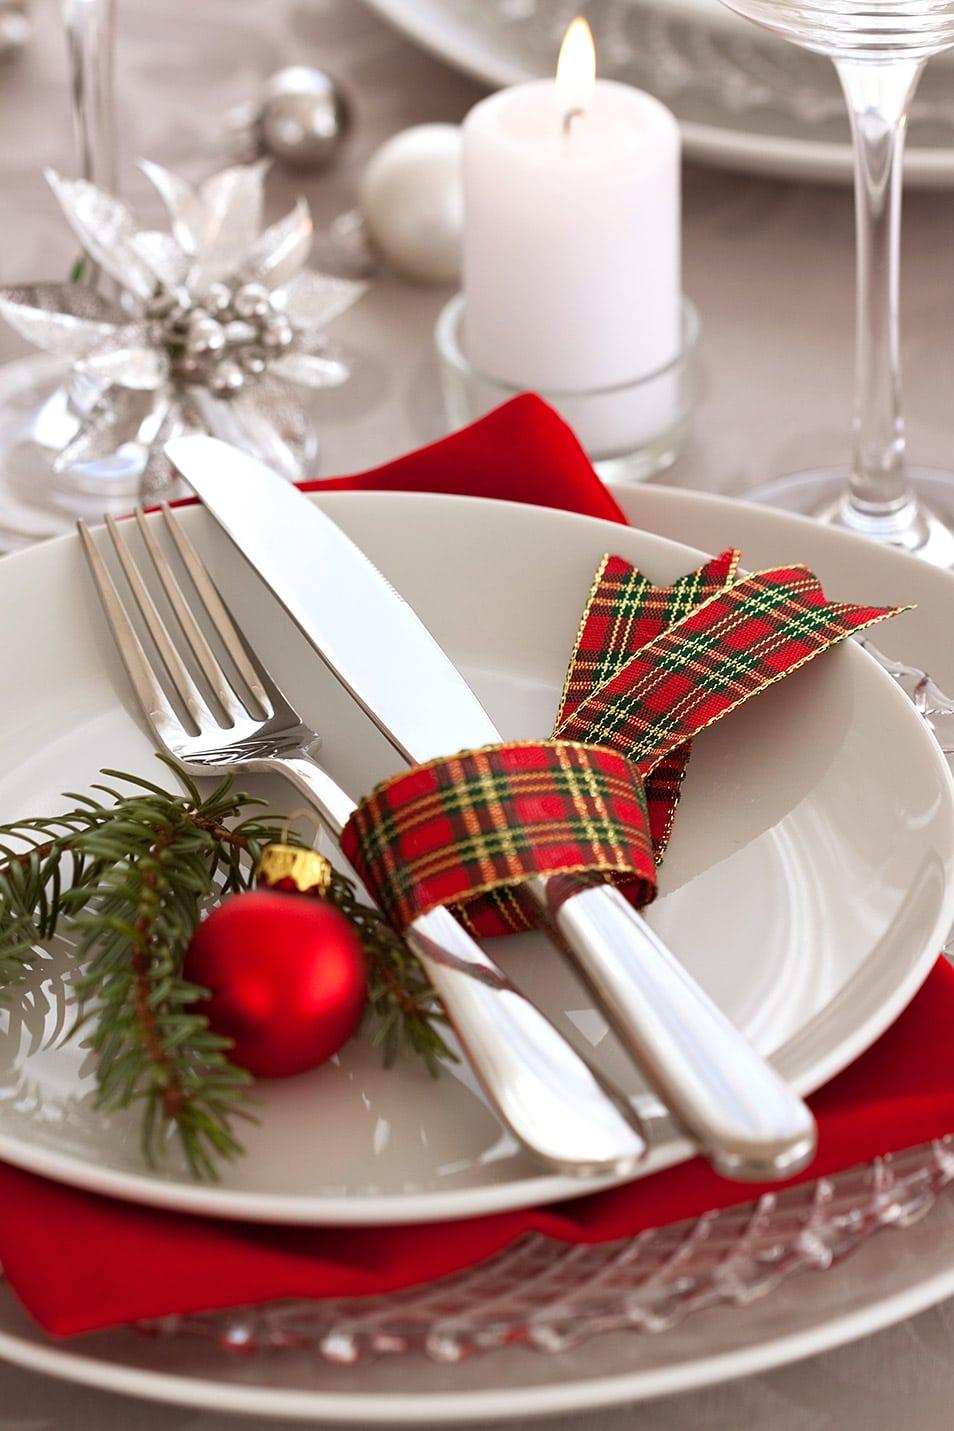 Gedeck Weihnachten Relana Dombetzki ALDO Magazin